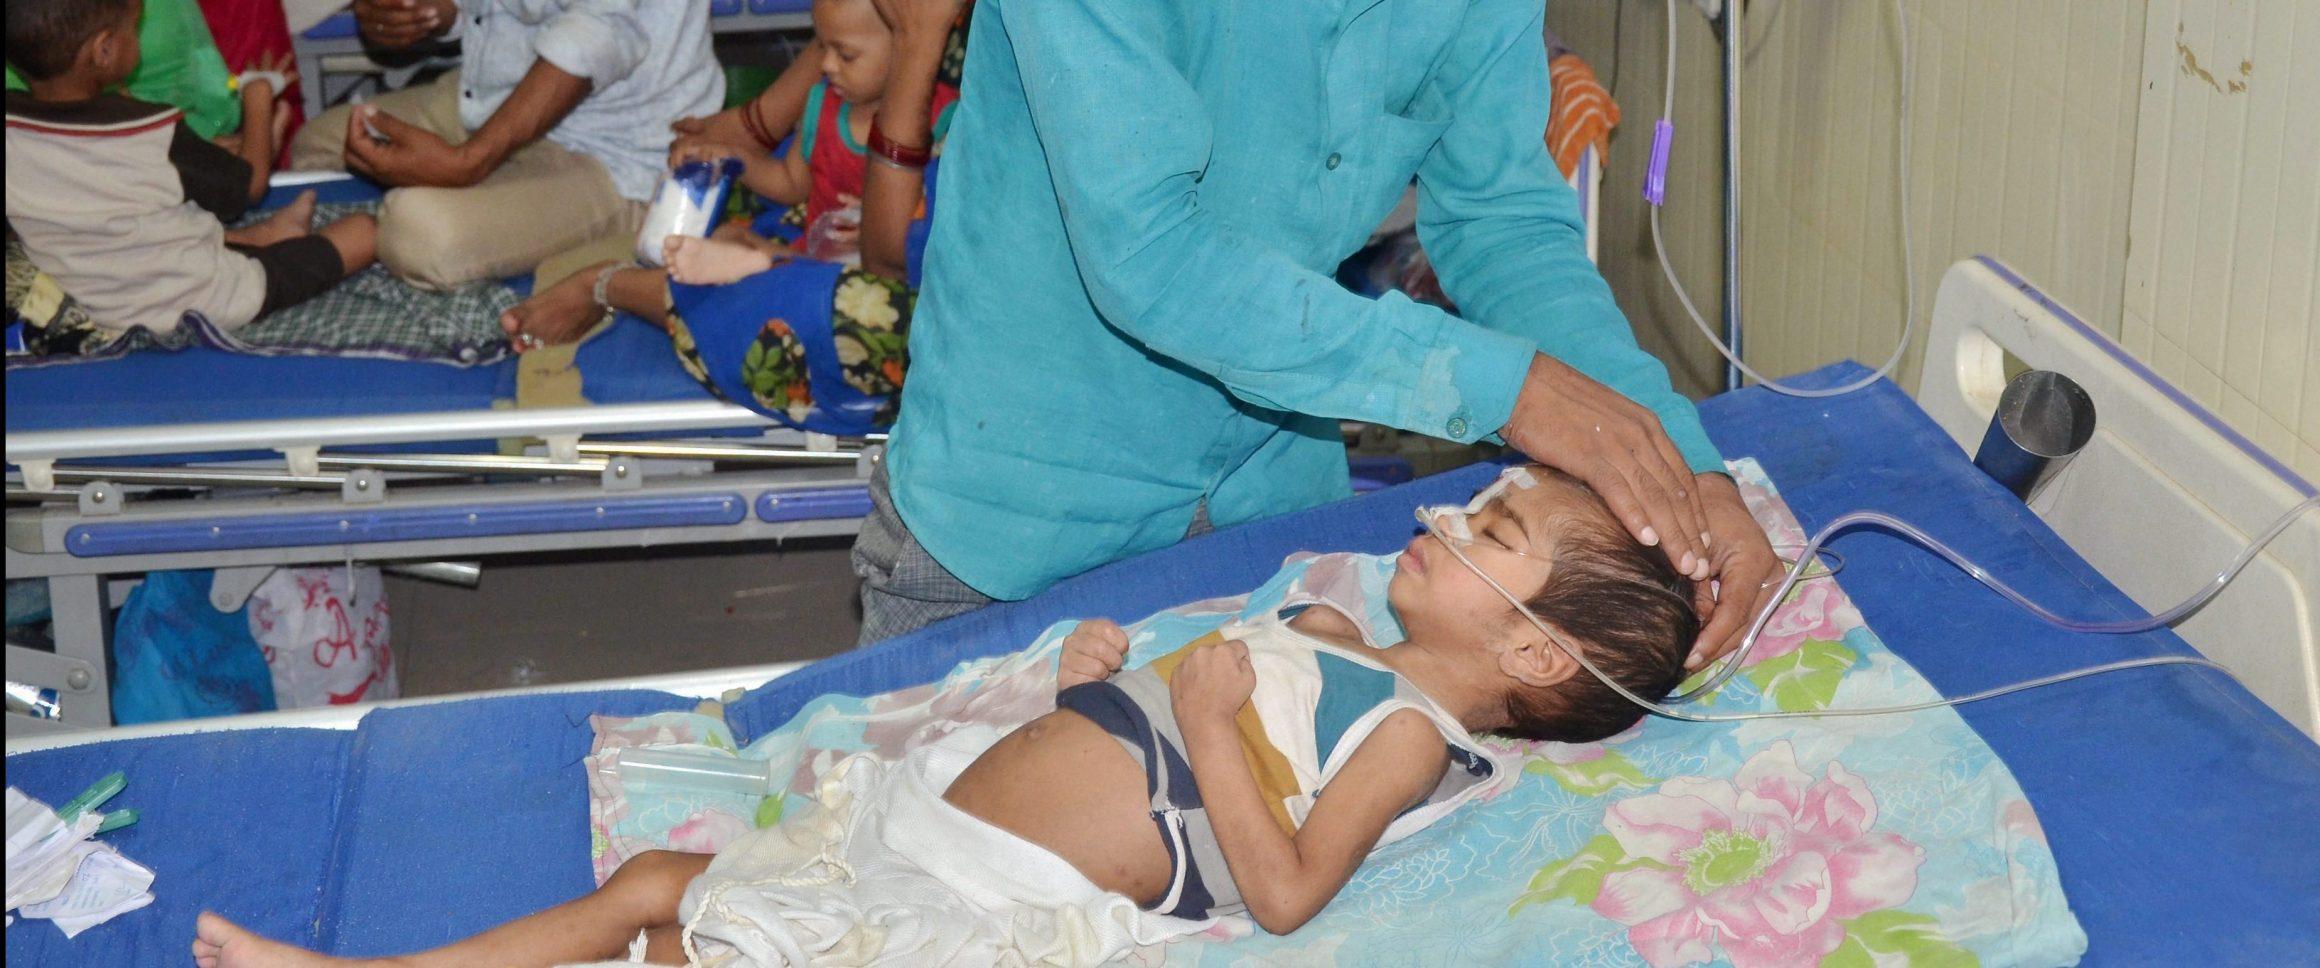 گزشتہ سال گورکھ پور کے بی آر ڈی میڈیکل کالج میں ہفتے بھر میں تقریباً 60 بچوں کی موت کے بعد سے اتر پردیش میں صحت خدمات پر سوال اٹھتے رہے ہیں۔ (فائل فوٹو : پی ٹی آئی)